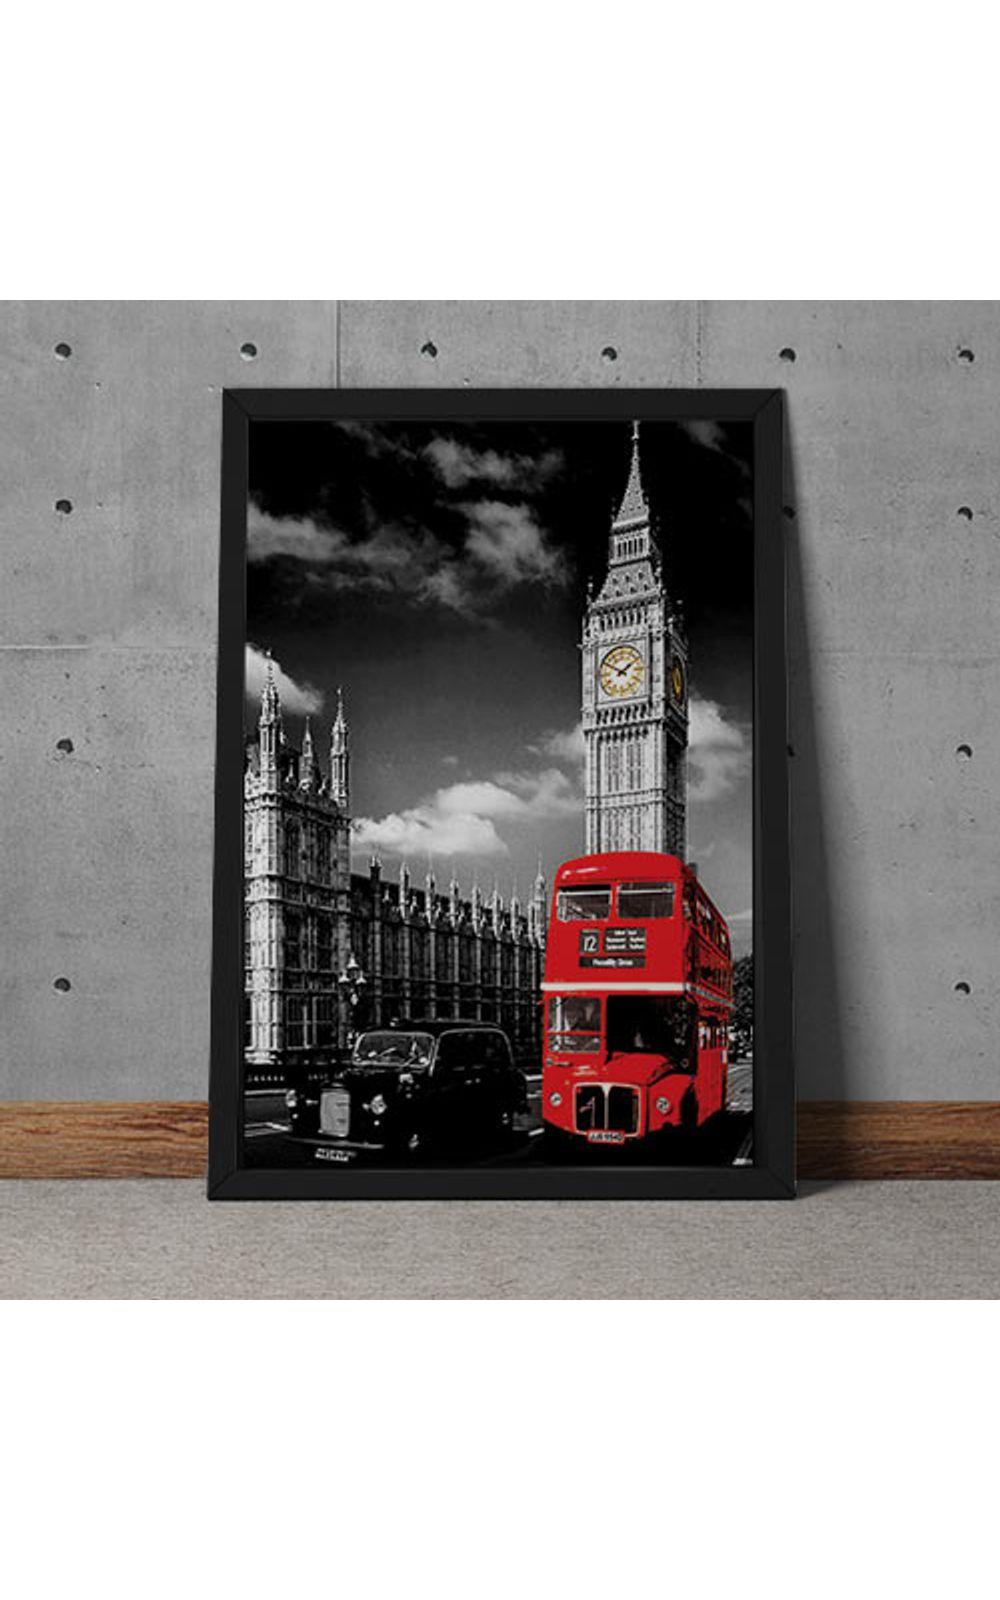 Foto 2 - Quadro Decorativo Onibus Ingles E Big Ben